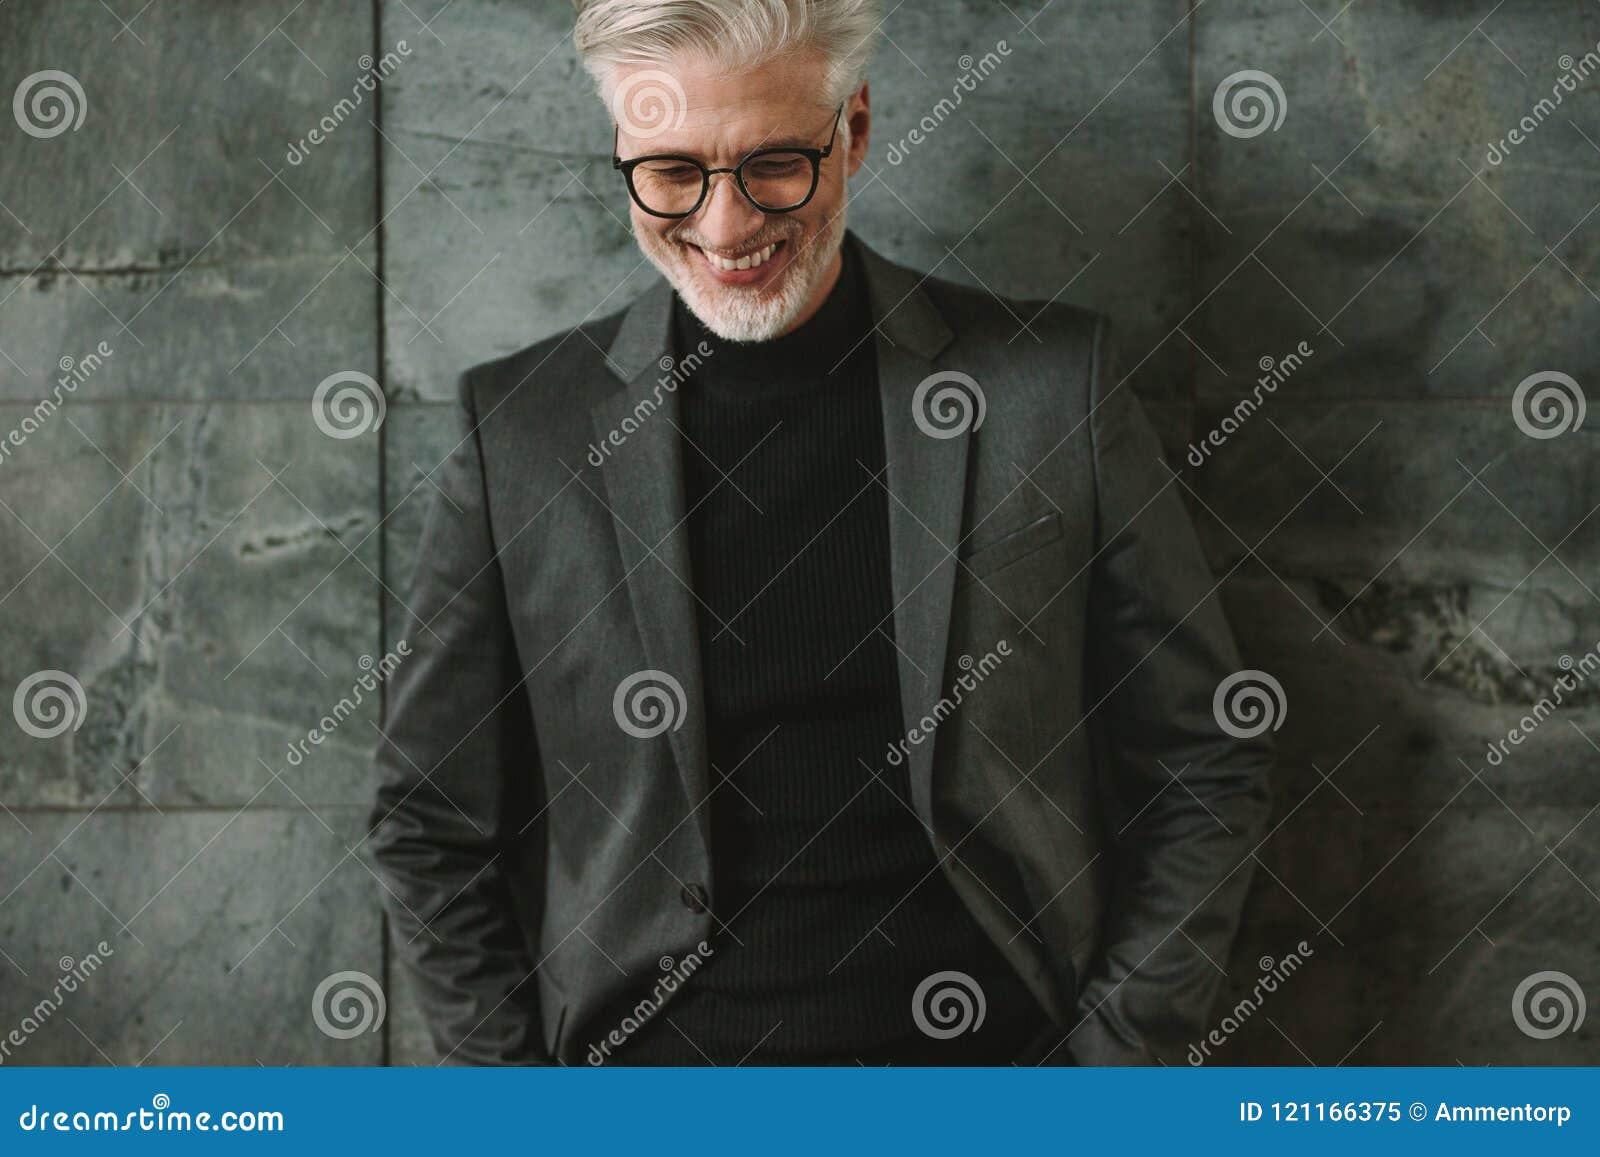 Retrato del hombre de negocios mayor sonriente